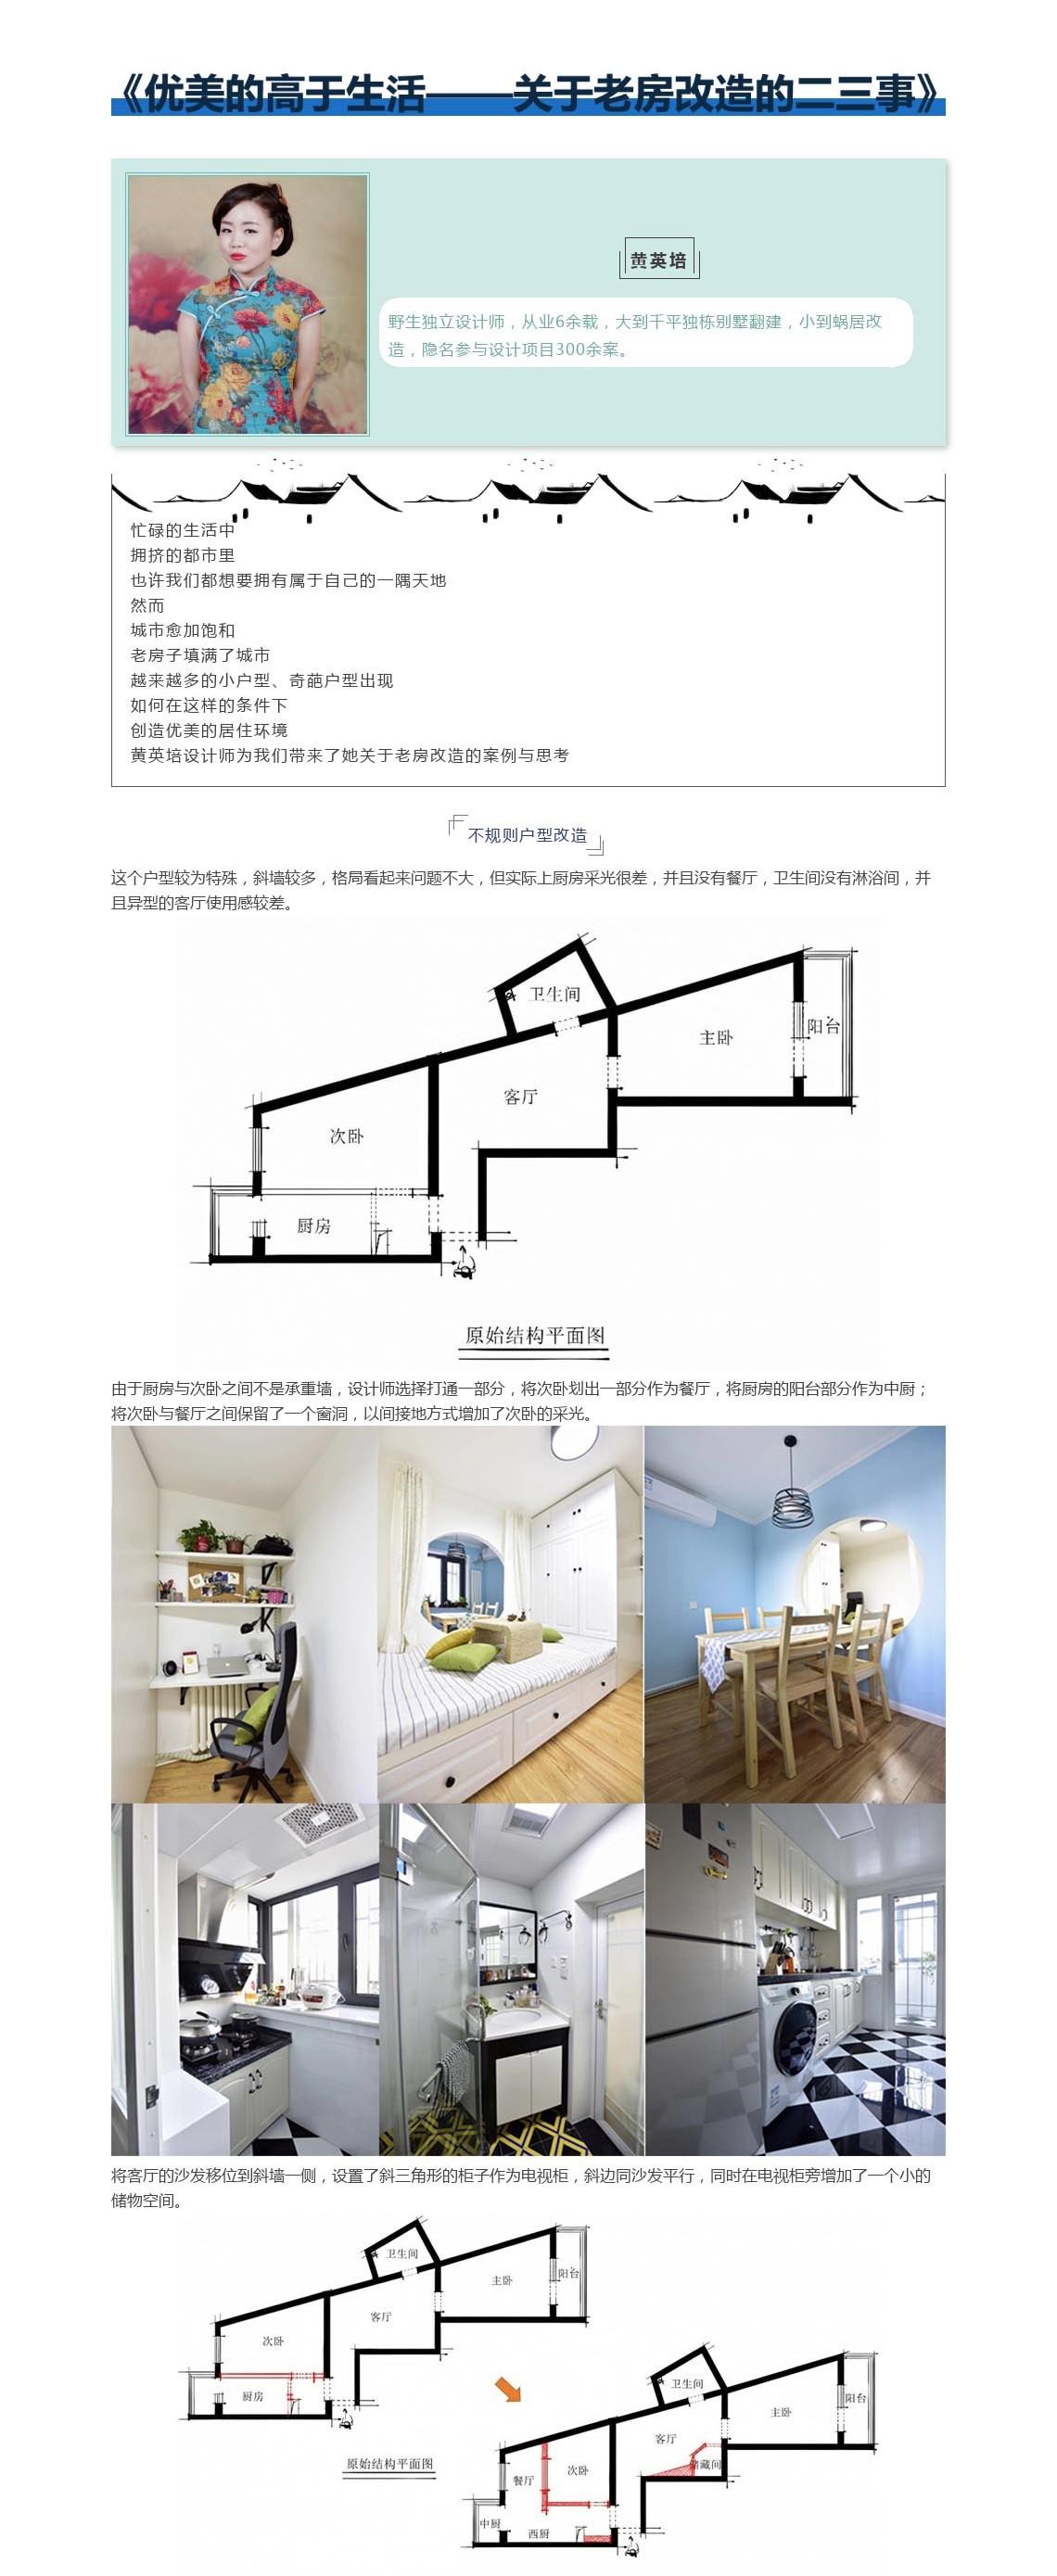 黄英培,房屋改造,室内改造,不规则户型,异户型